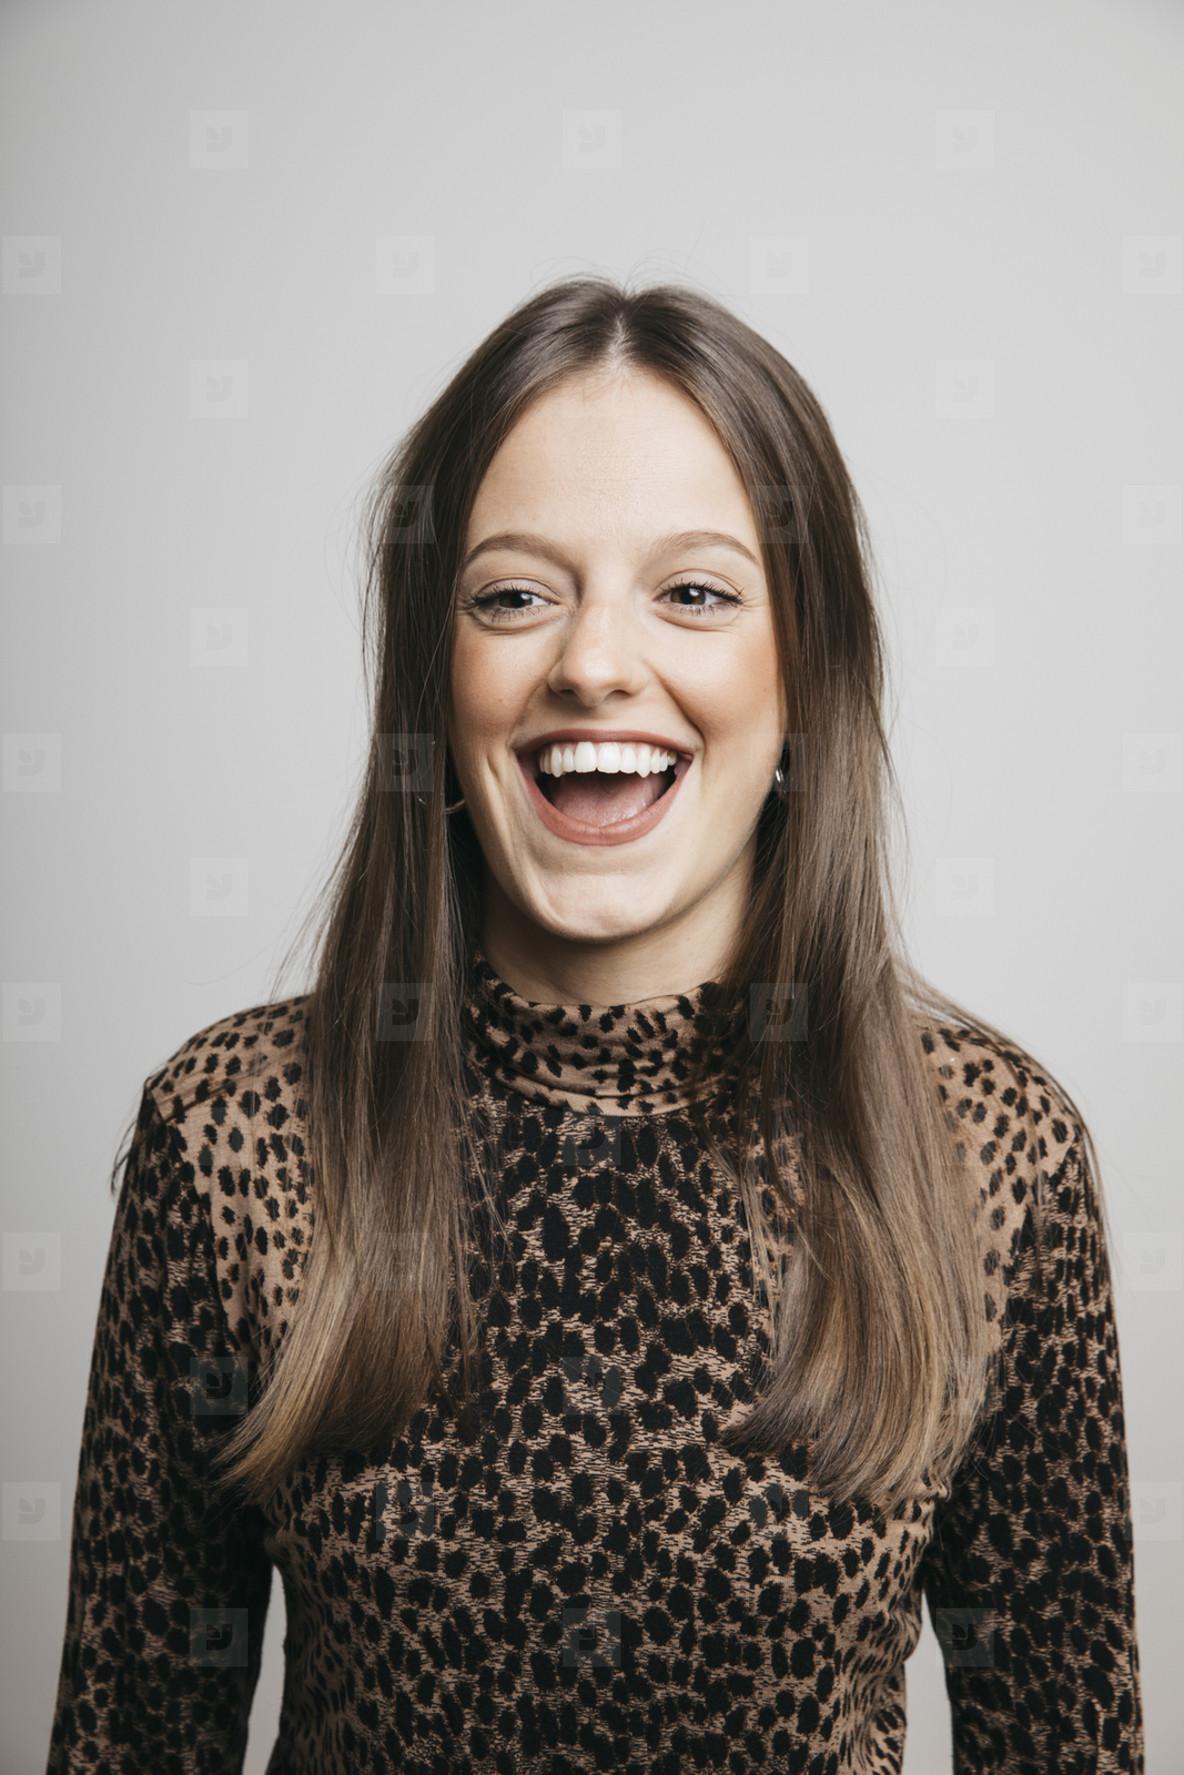 Portrait happy young brunette woman